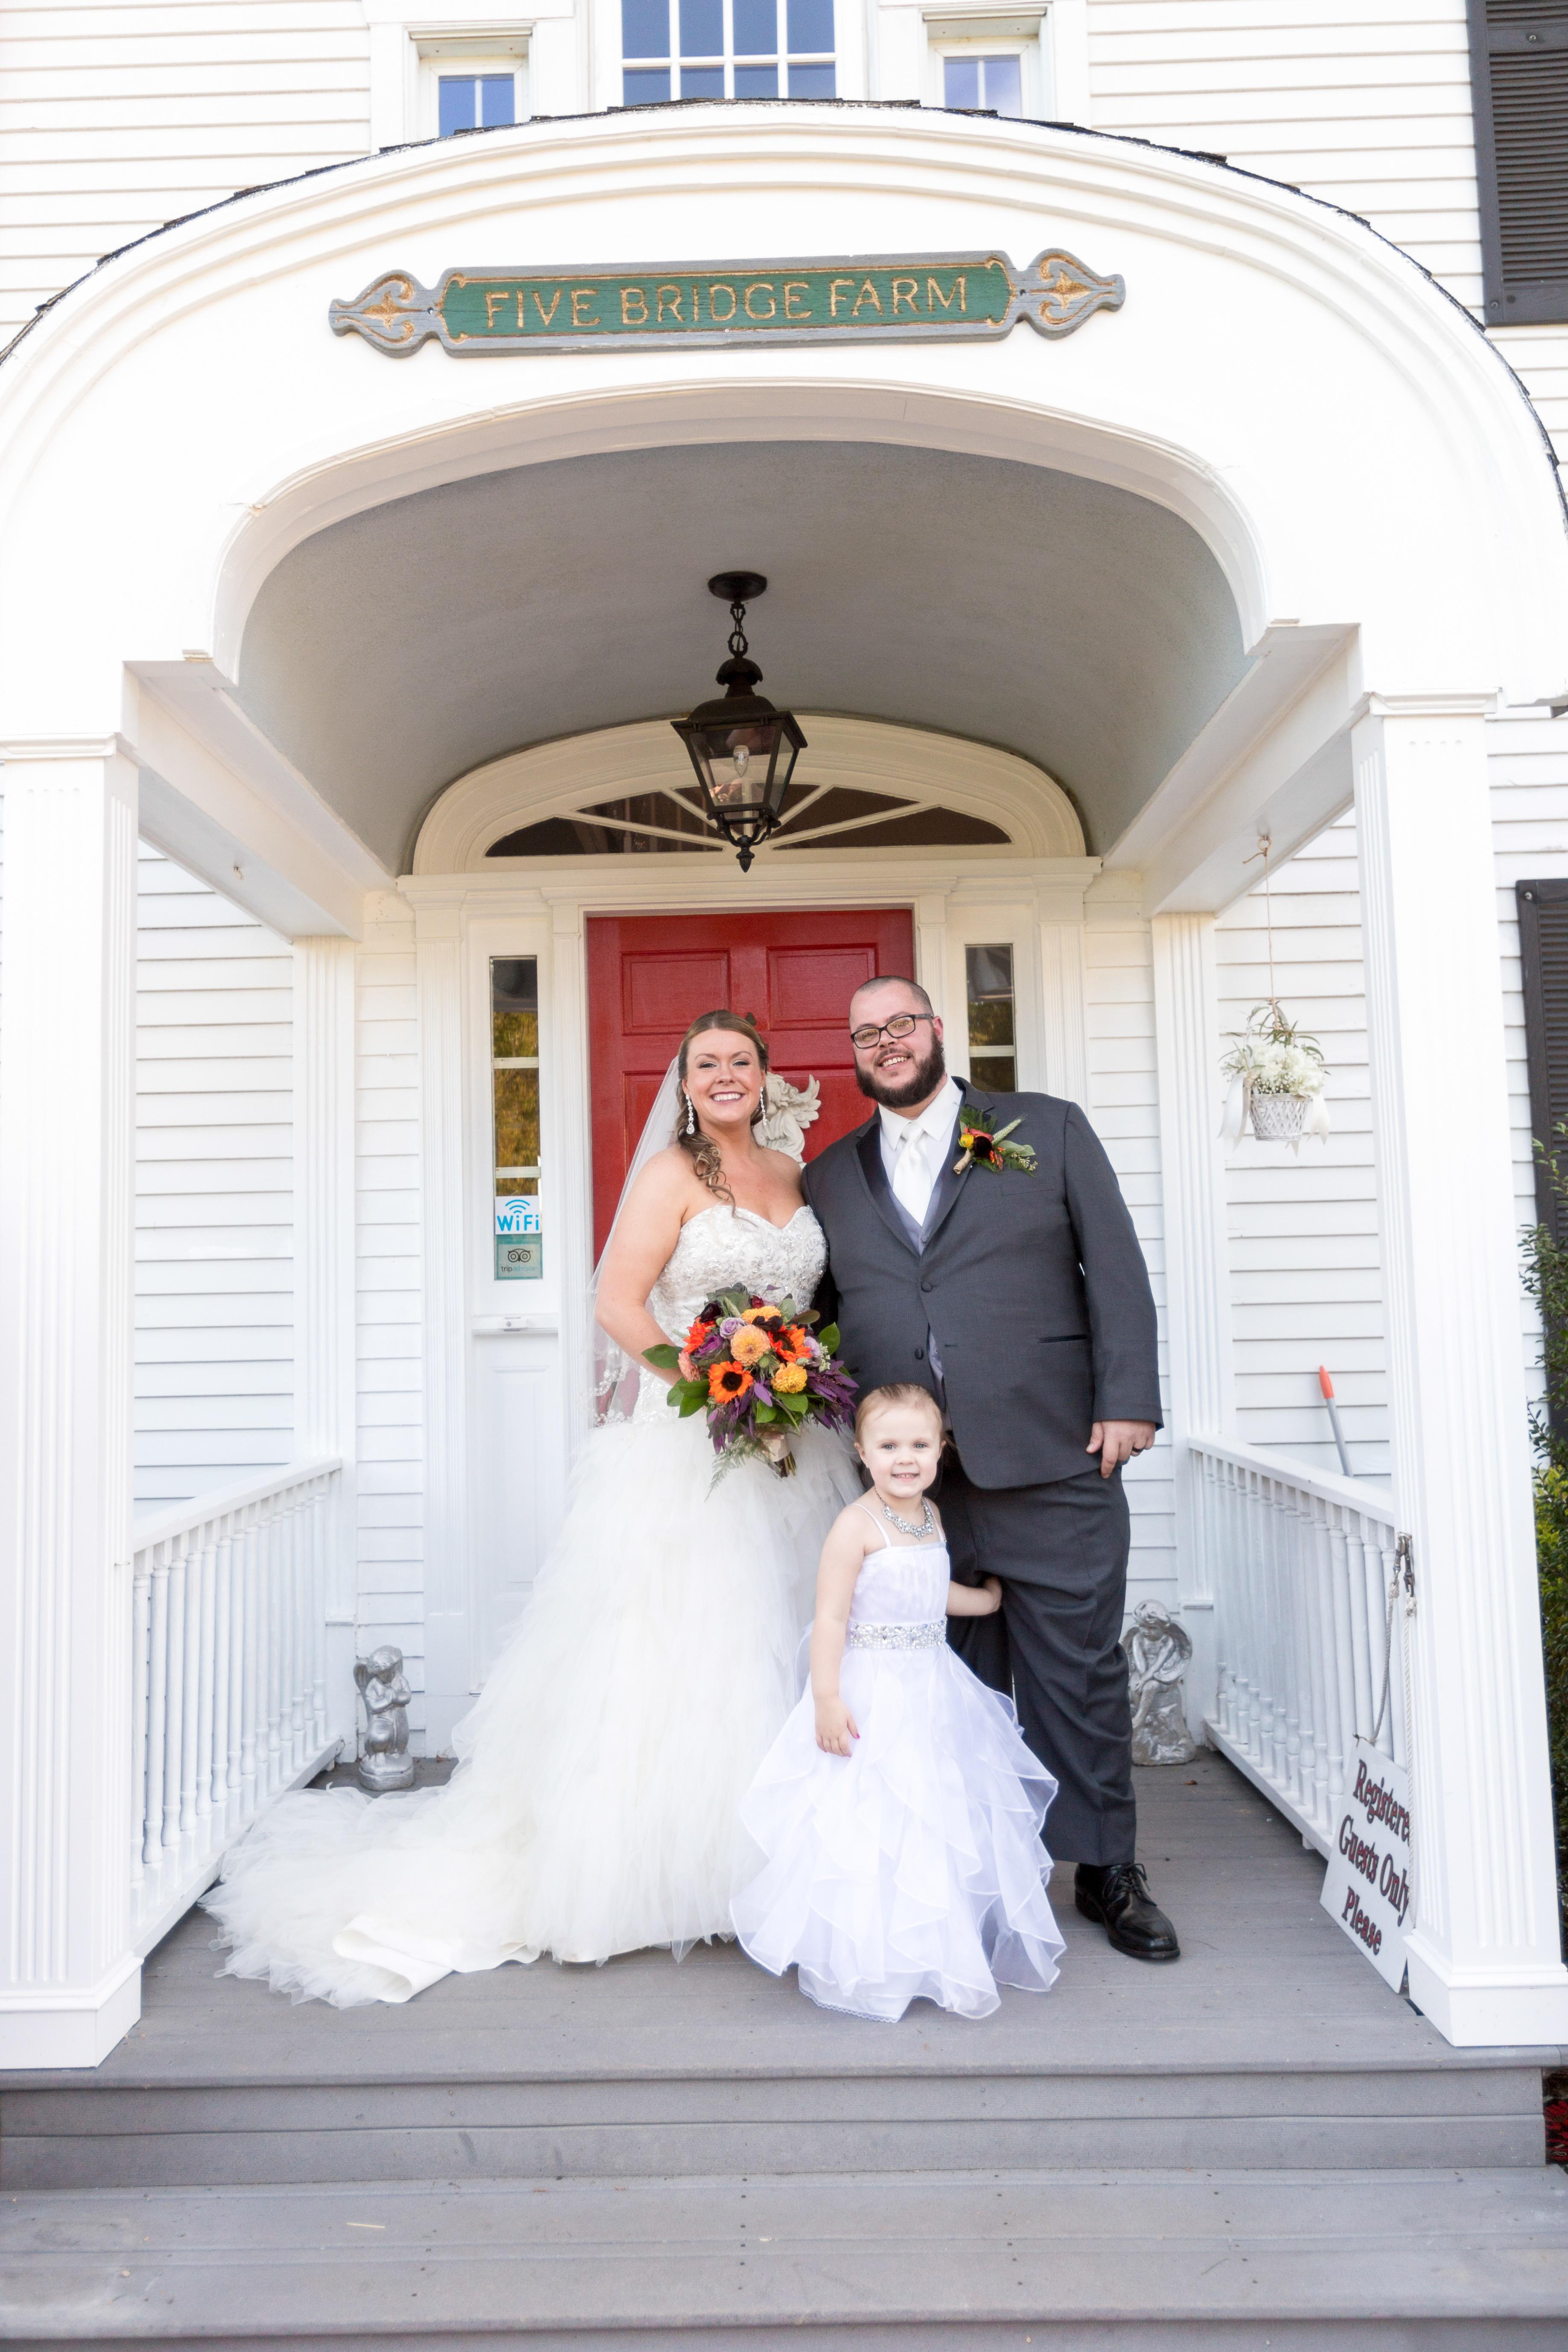 five bridge inn wedding.jpg